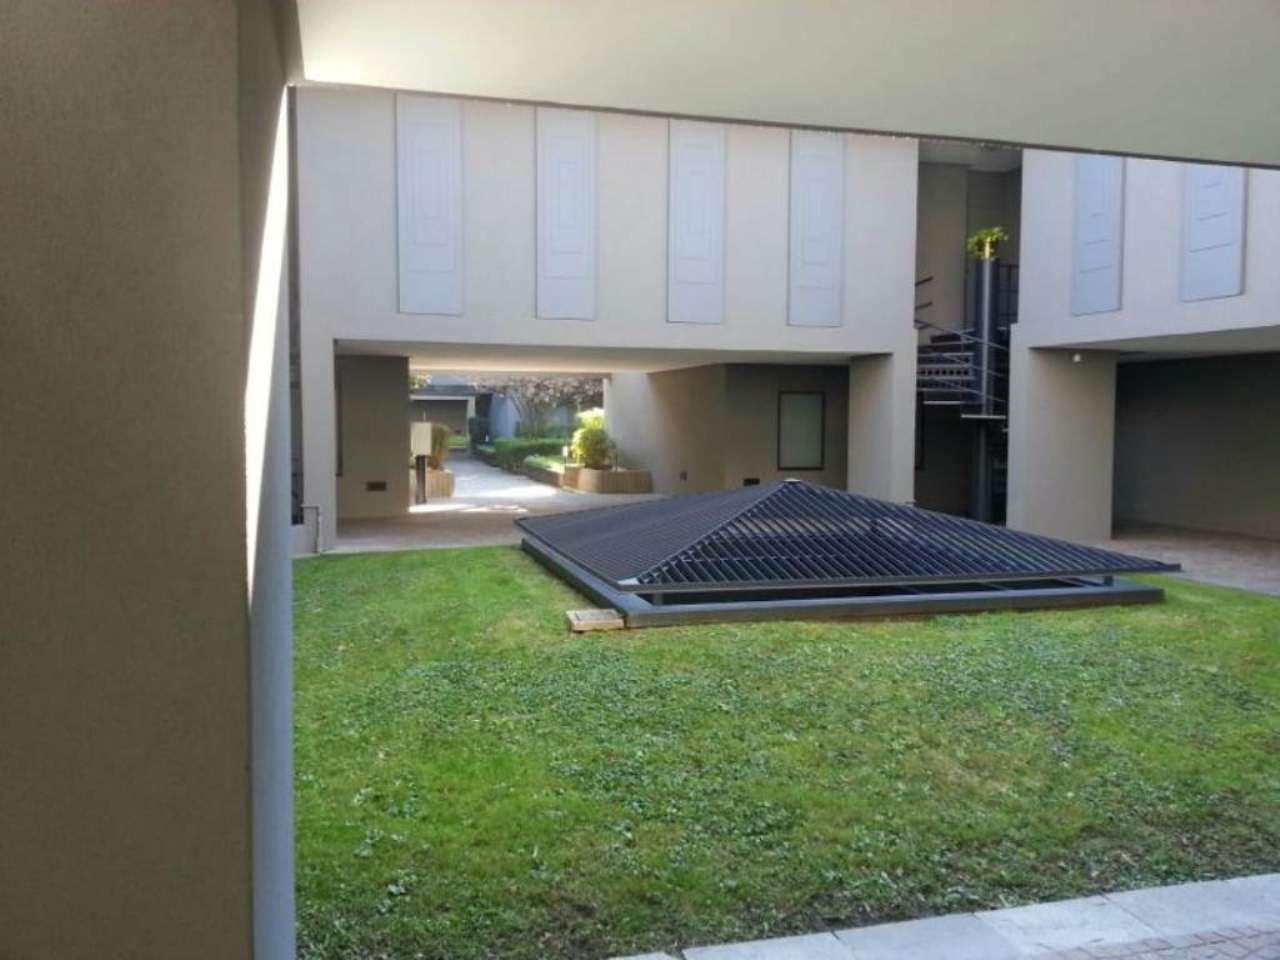 Ufficio / Studio in vendita a Mariano Comense, 7 locali, Trattative riservate | CambioCasa.it